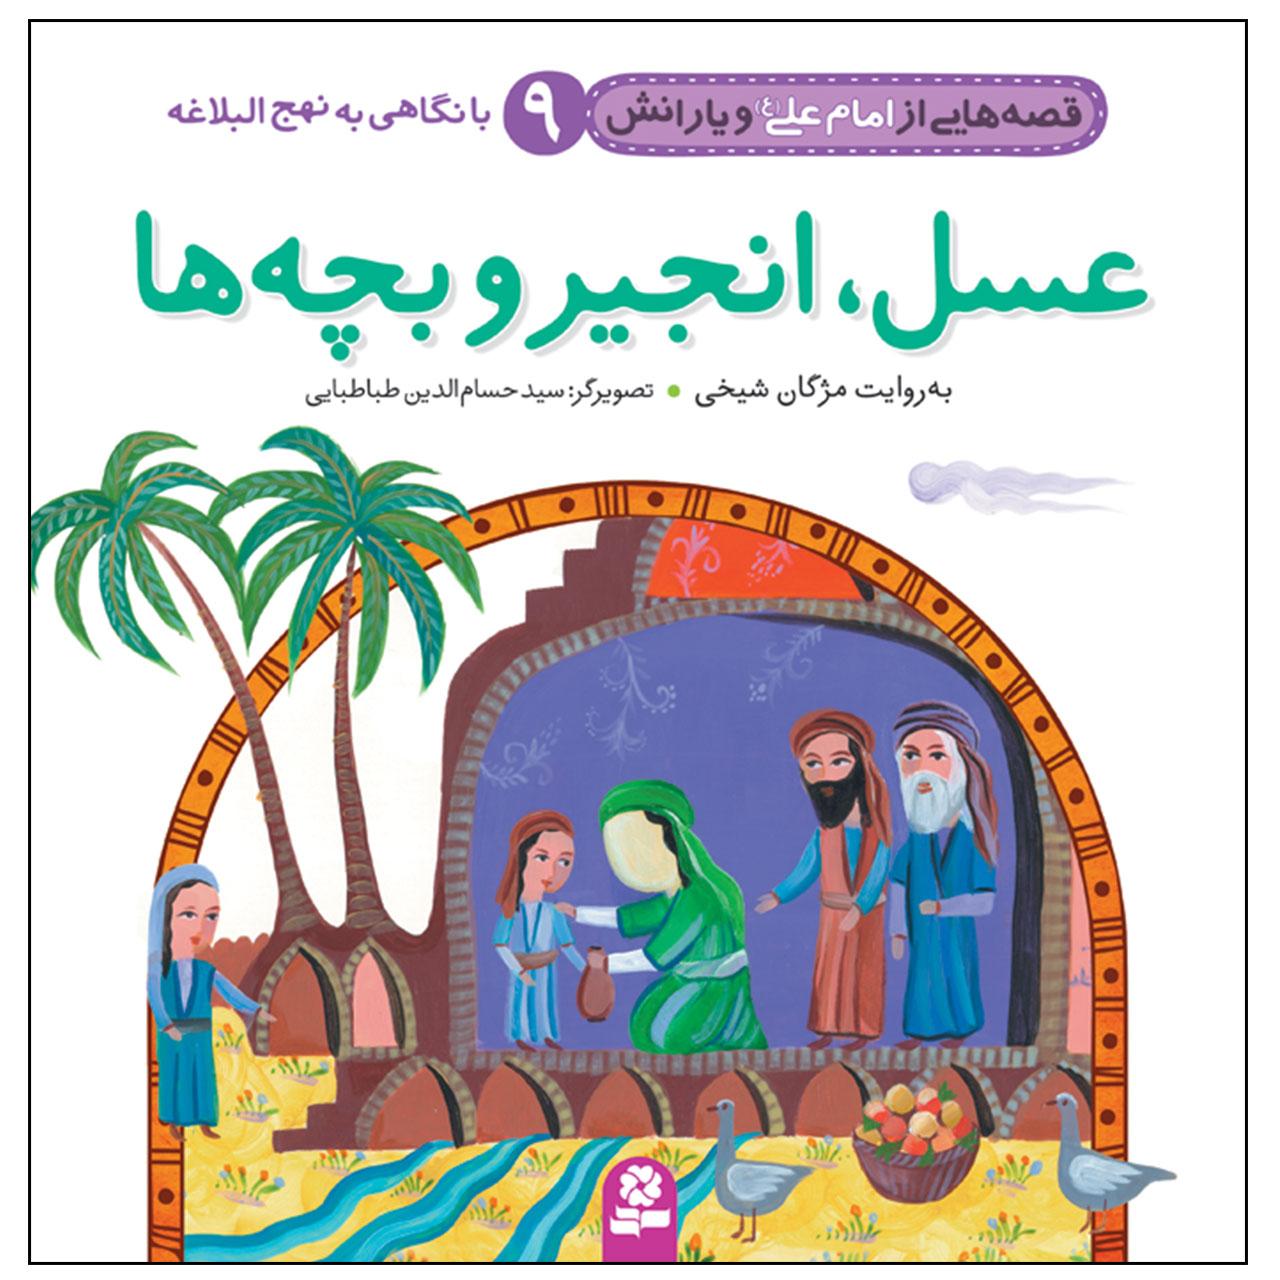 خرید                      کتاب قصه هایی از امام علی(ع) و یارانش 9 عسل,انجیر و بچه ها اثر مژگان شیخی انتشارات قدیانی